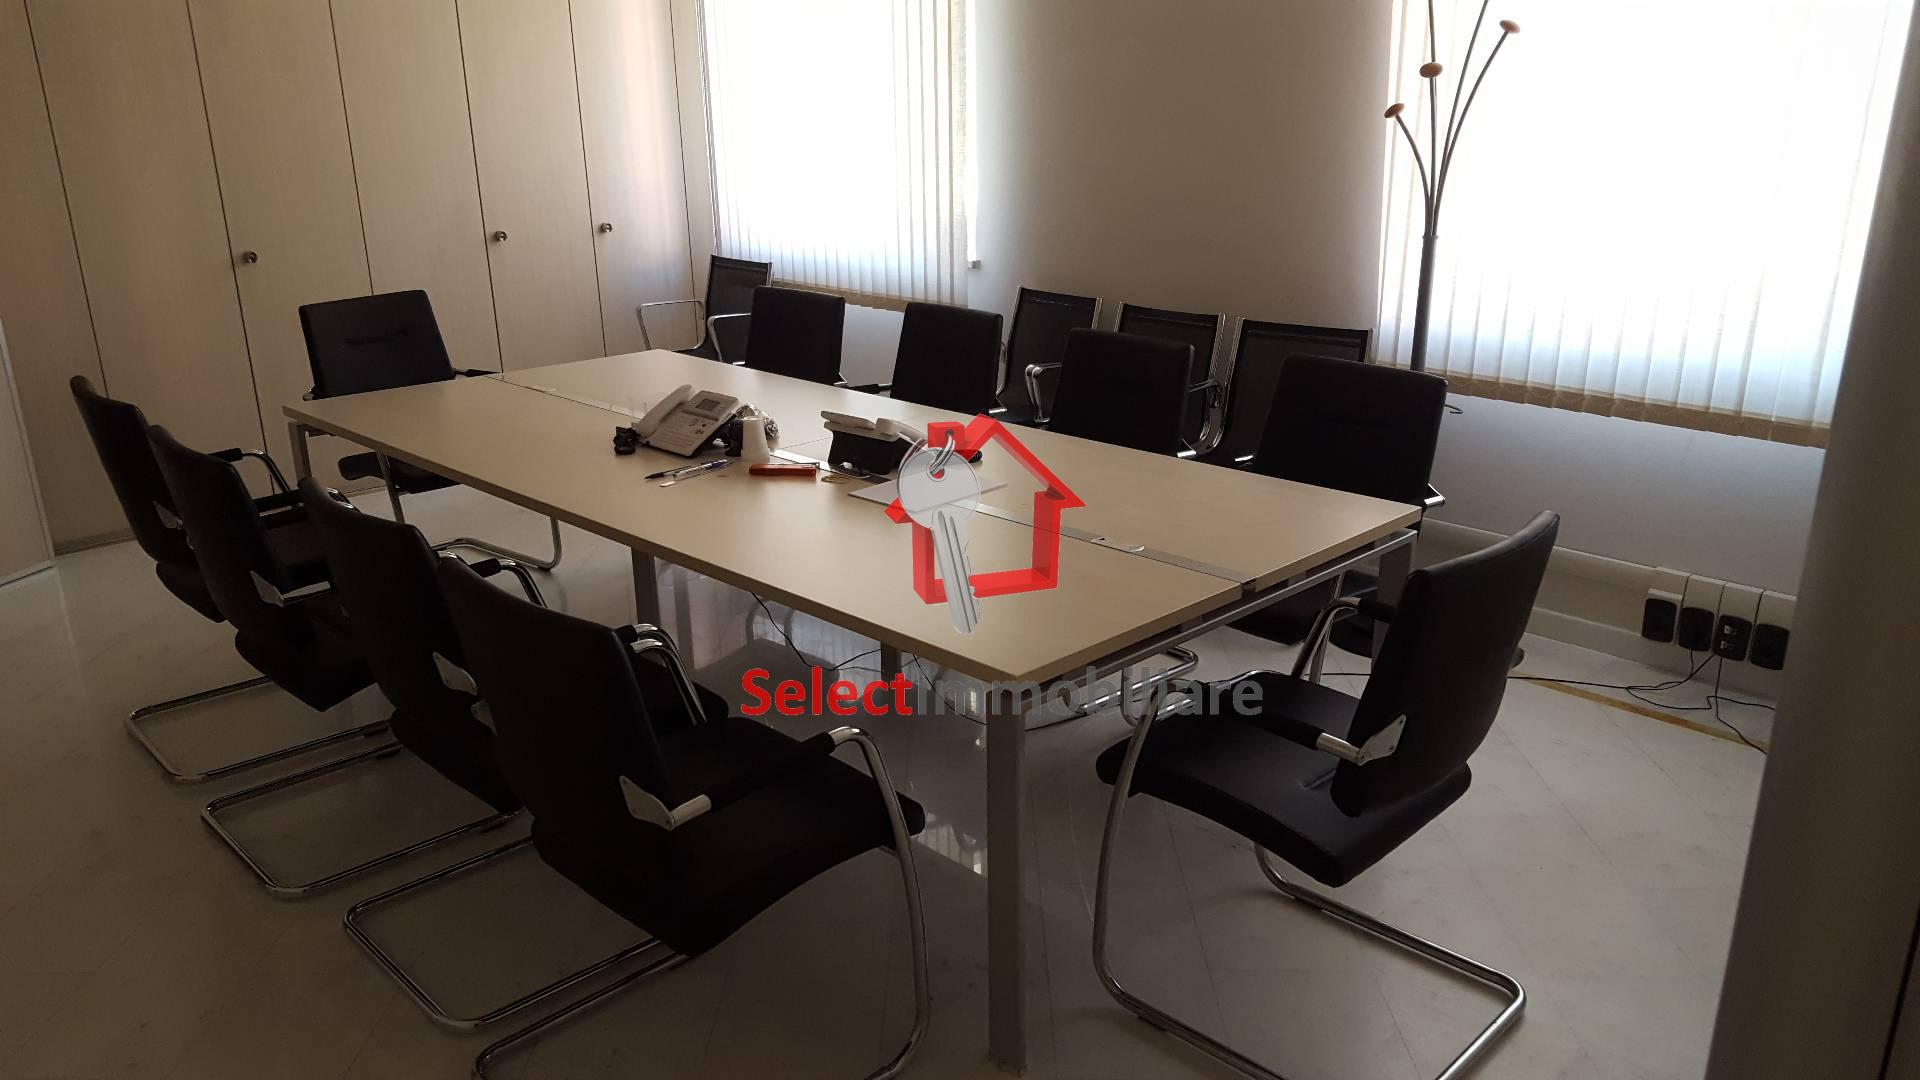 Ufficio / Studio in affitto a Castelnuovo di Garfagnana, 9999 locali, prezzo € 2.000 | PortaleAgenzieImmobiliari.it